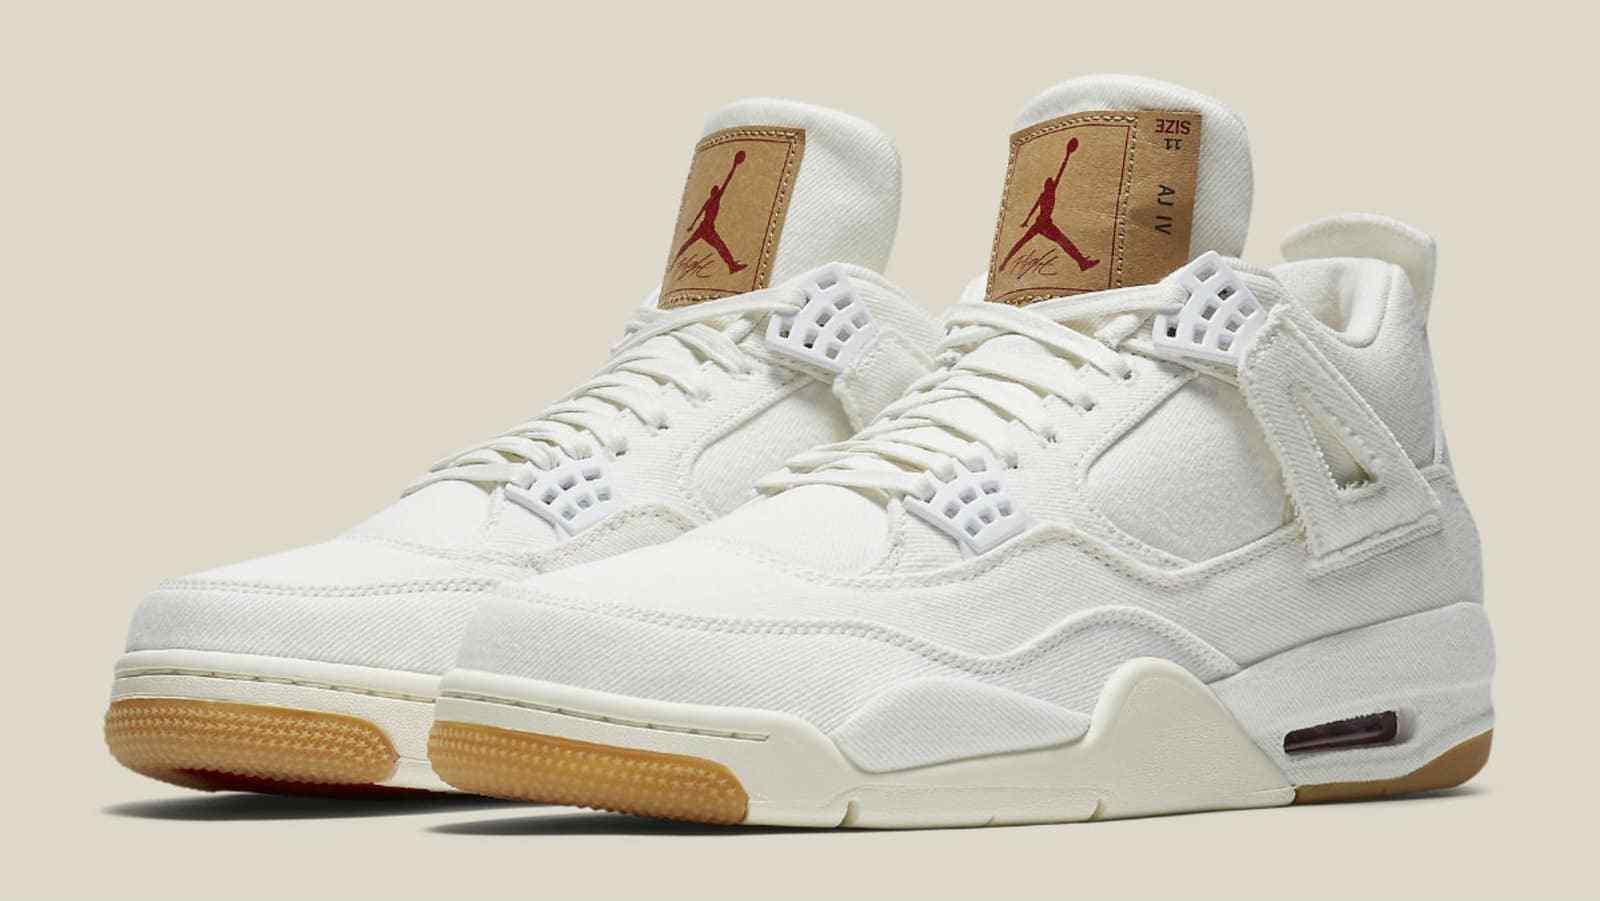 6e3a5563e37 Levi's X Air Jordan 4 Retro Sneakers NRG and 26 similar items